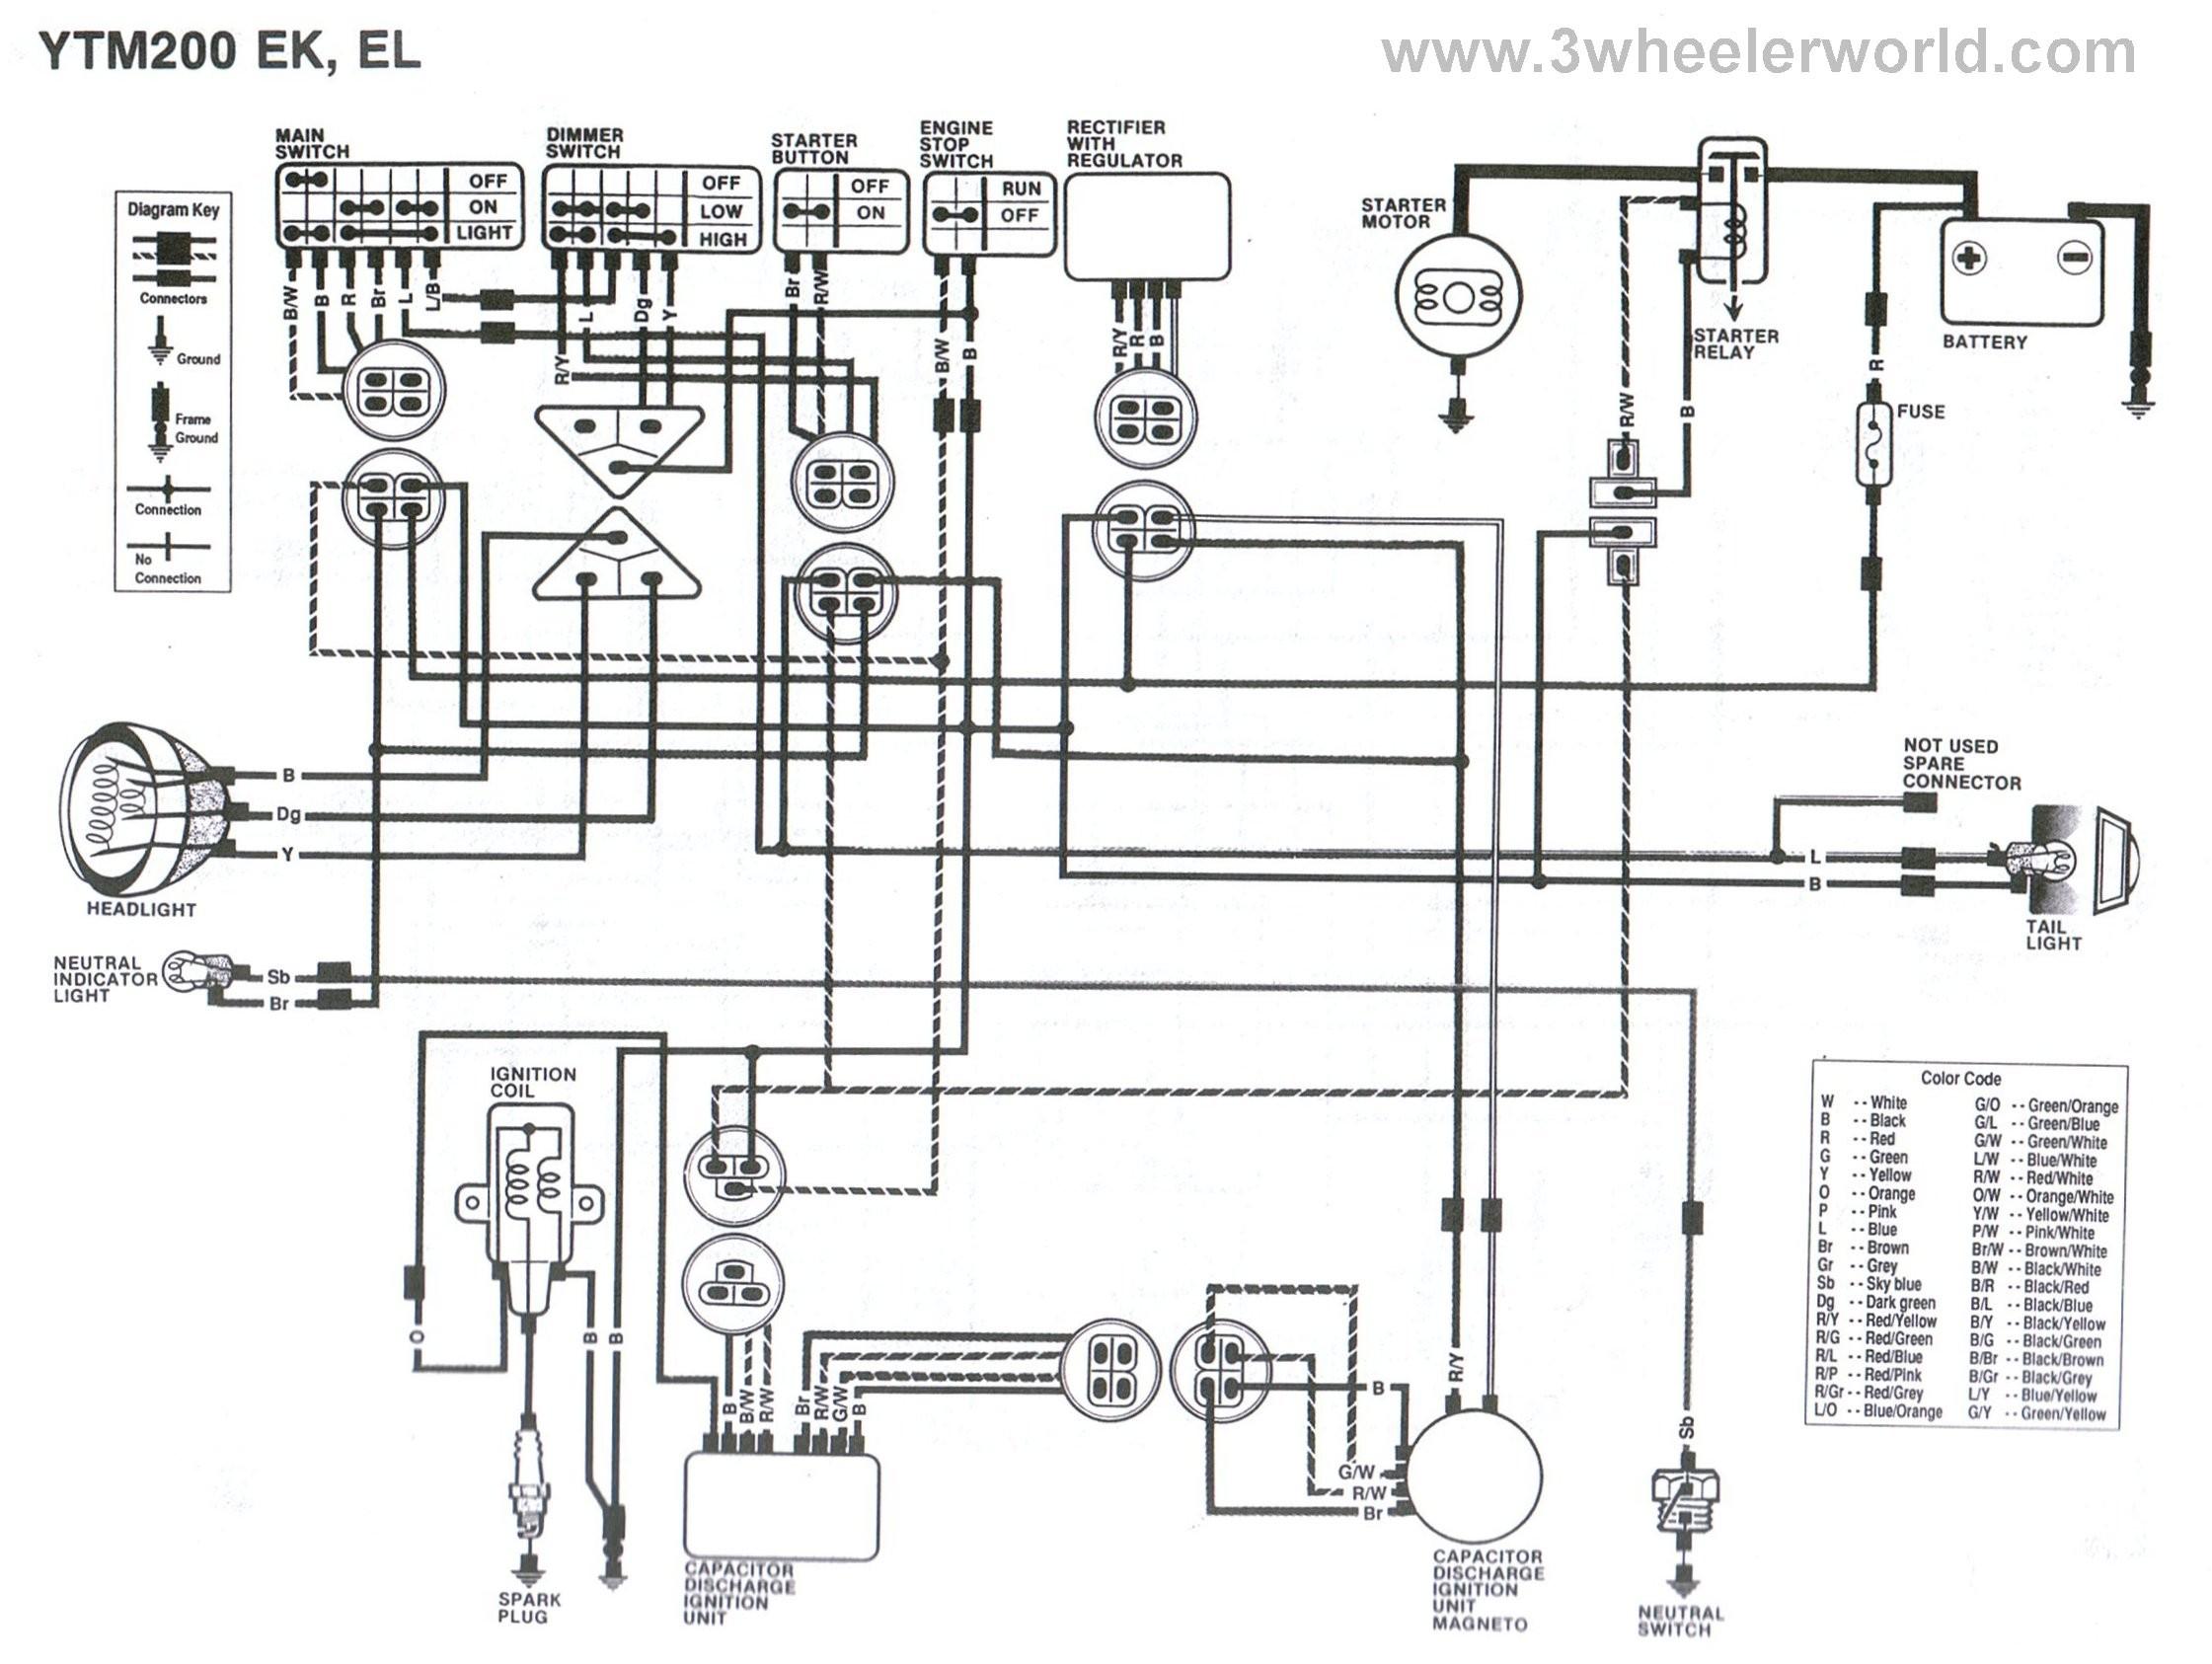 Winnebago Motorhome Wiring Diagram Awesome | Wiring Diagram Image